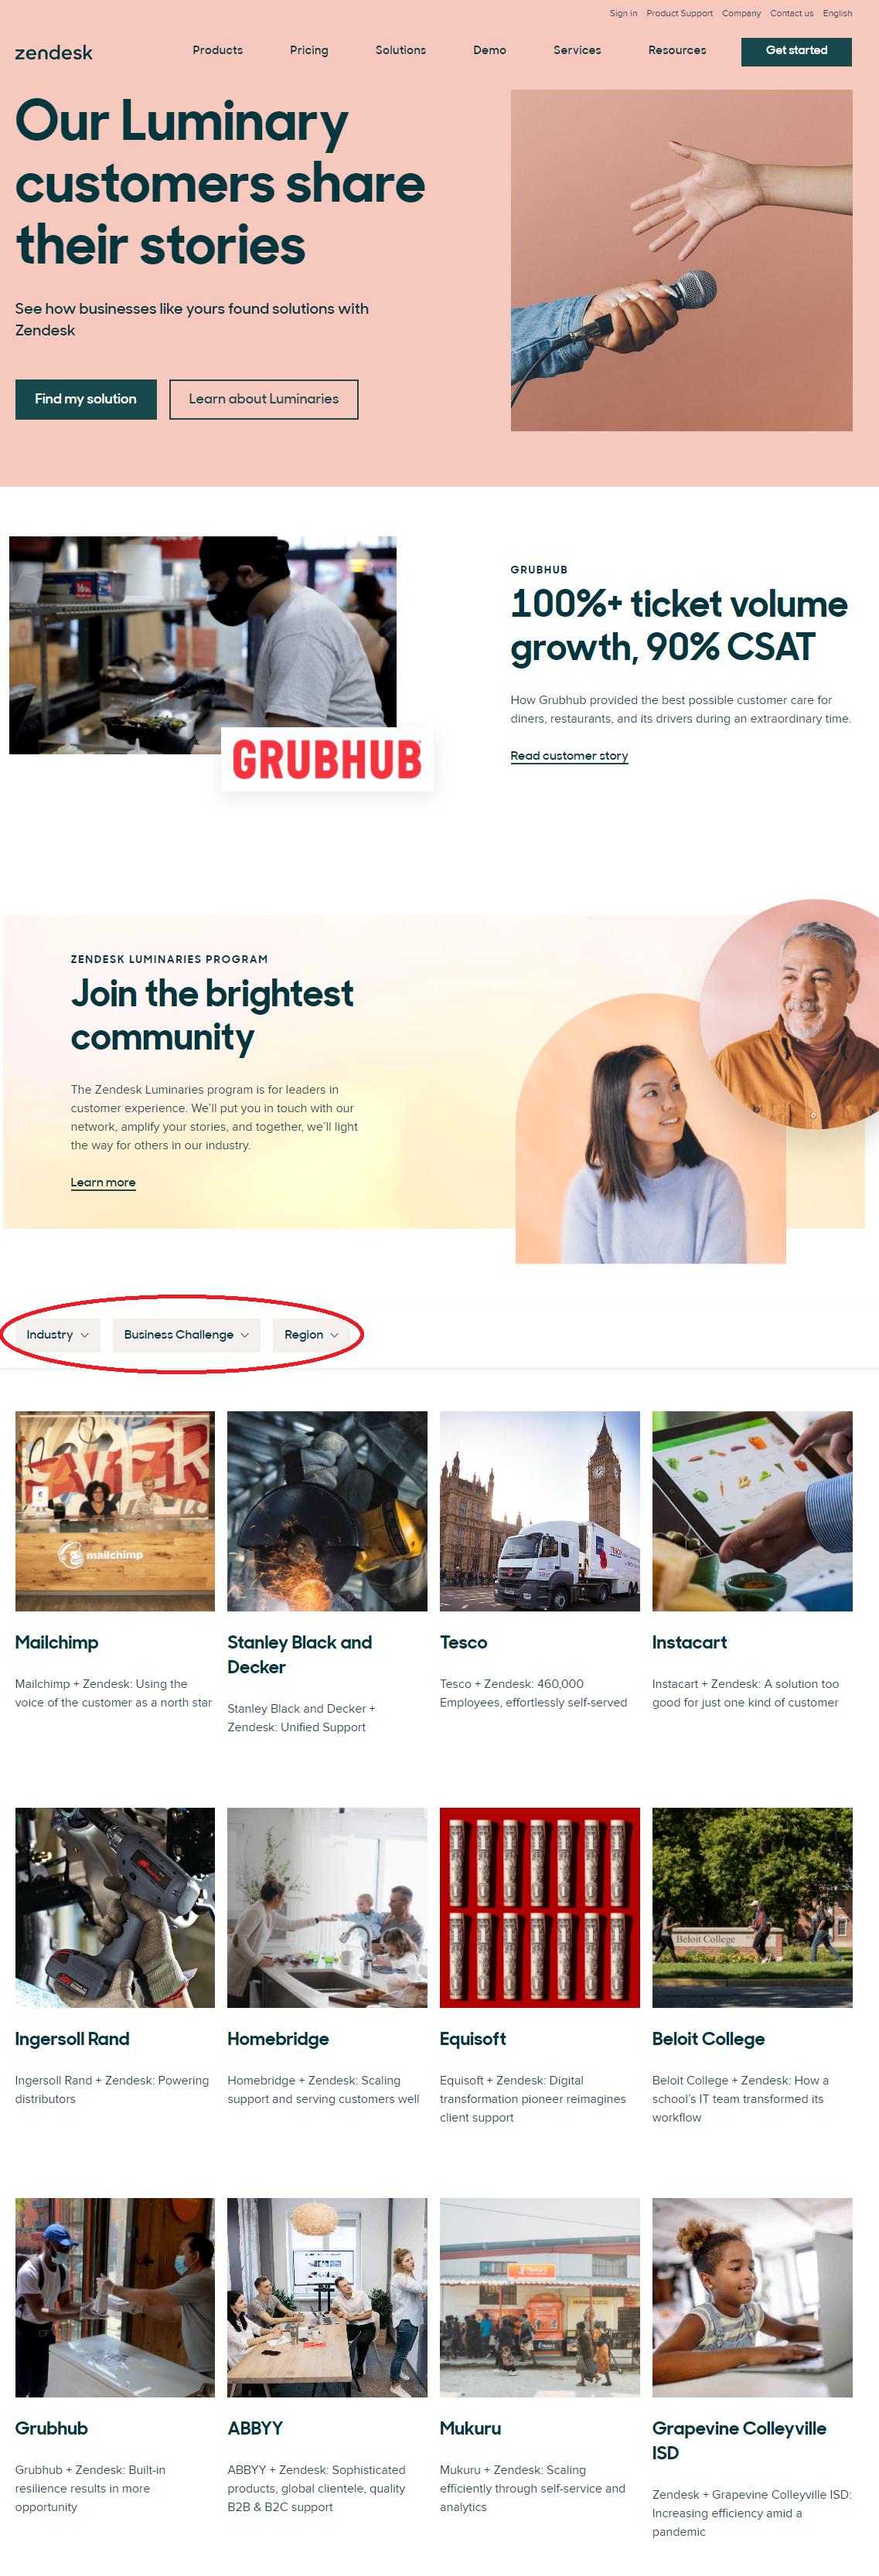 如何用客戶回饋和成功個案增加客戶信心 - ZenDesk